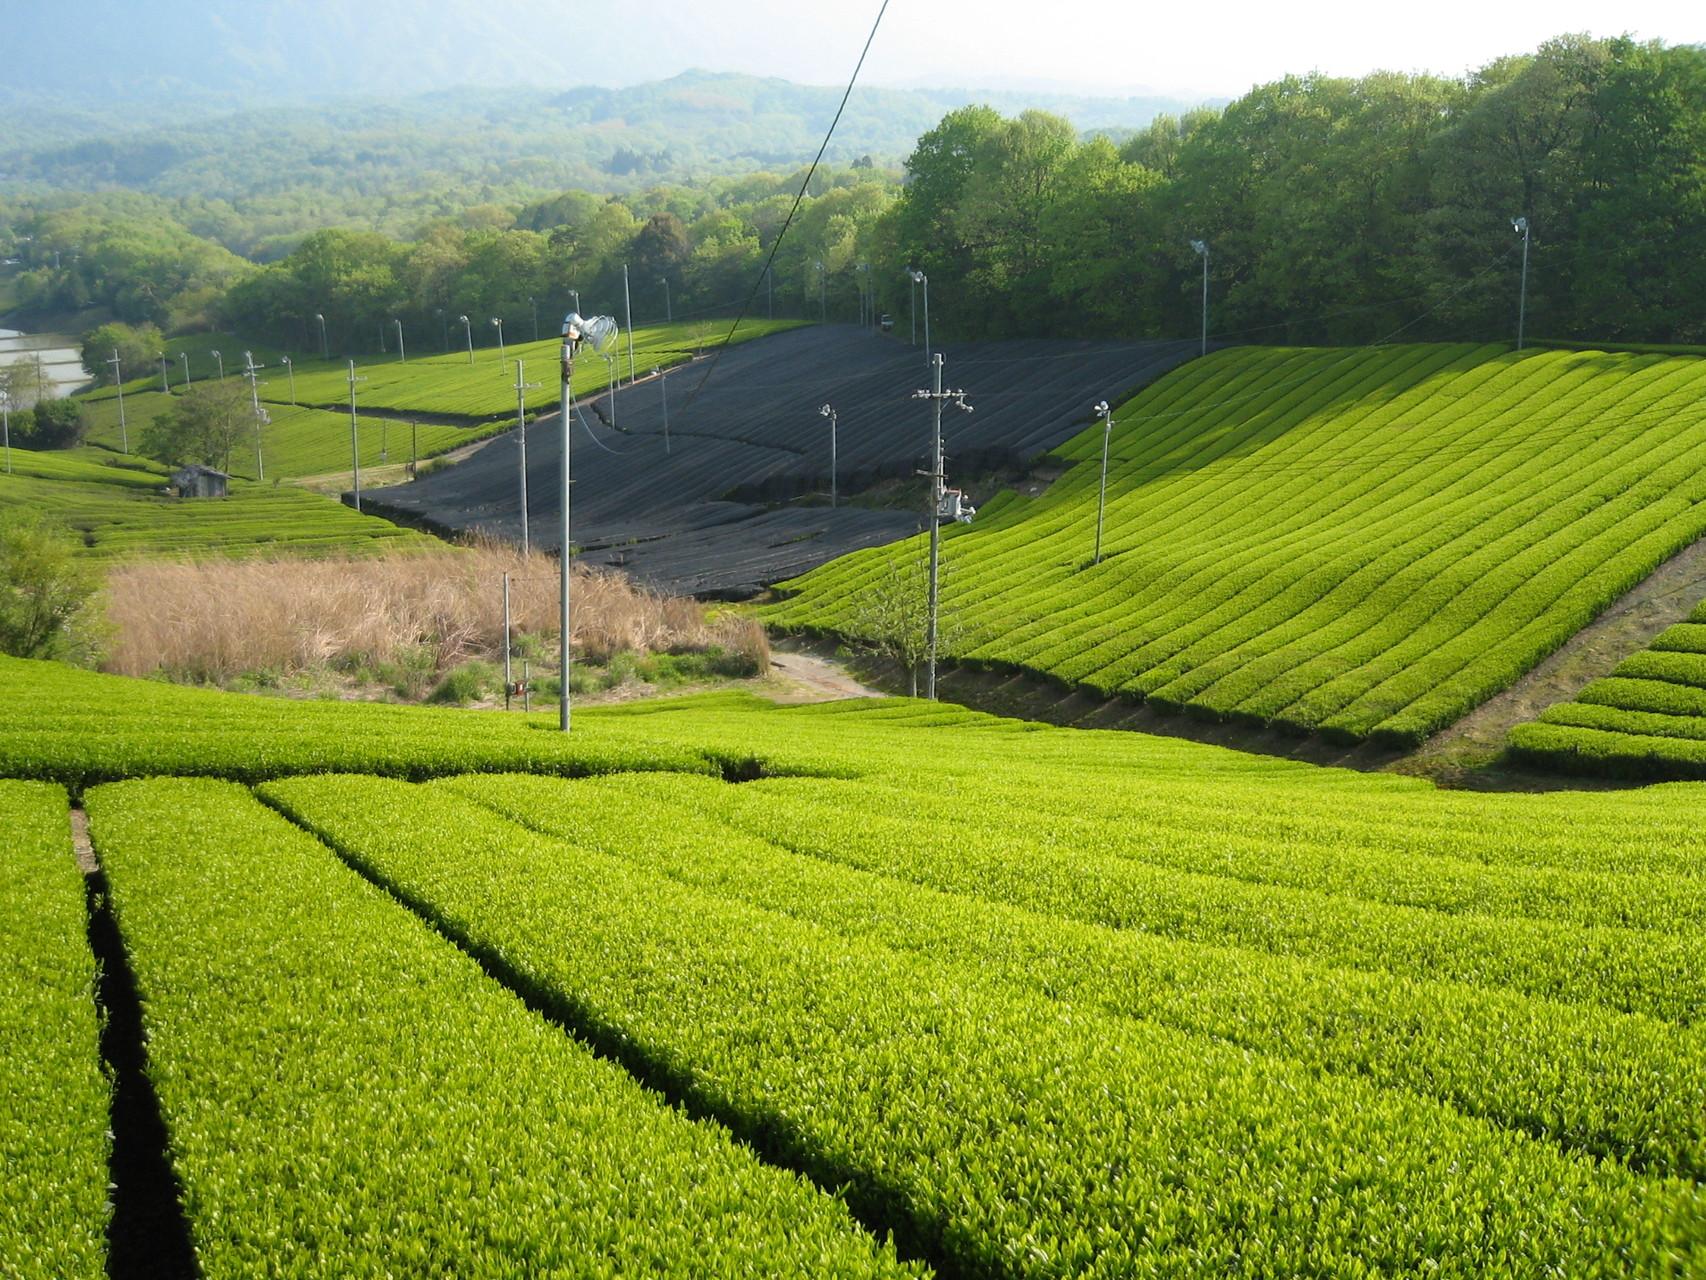 京都宇治市城陽市大久保のパソコン教室ありがとう。とは、宇治市城陽市の地域の皆様をサポートします。